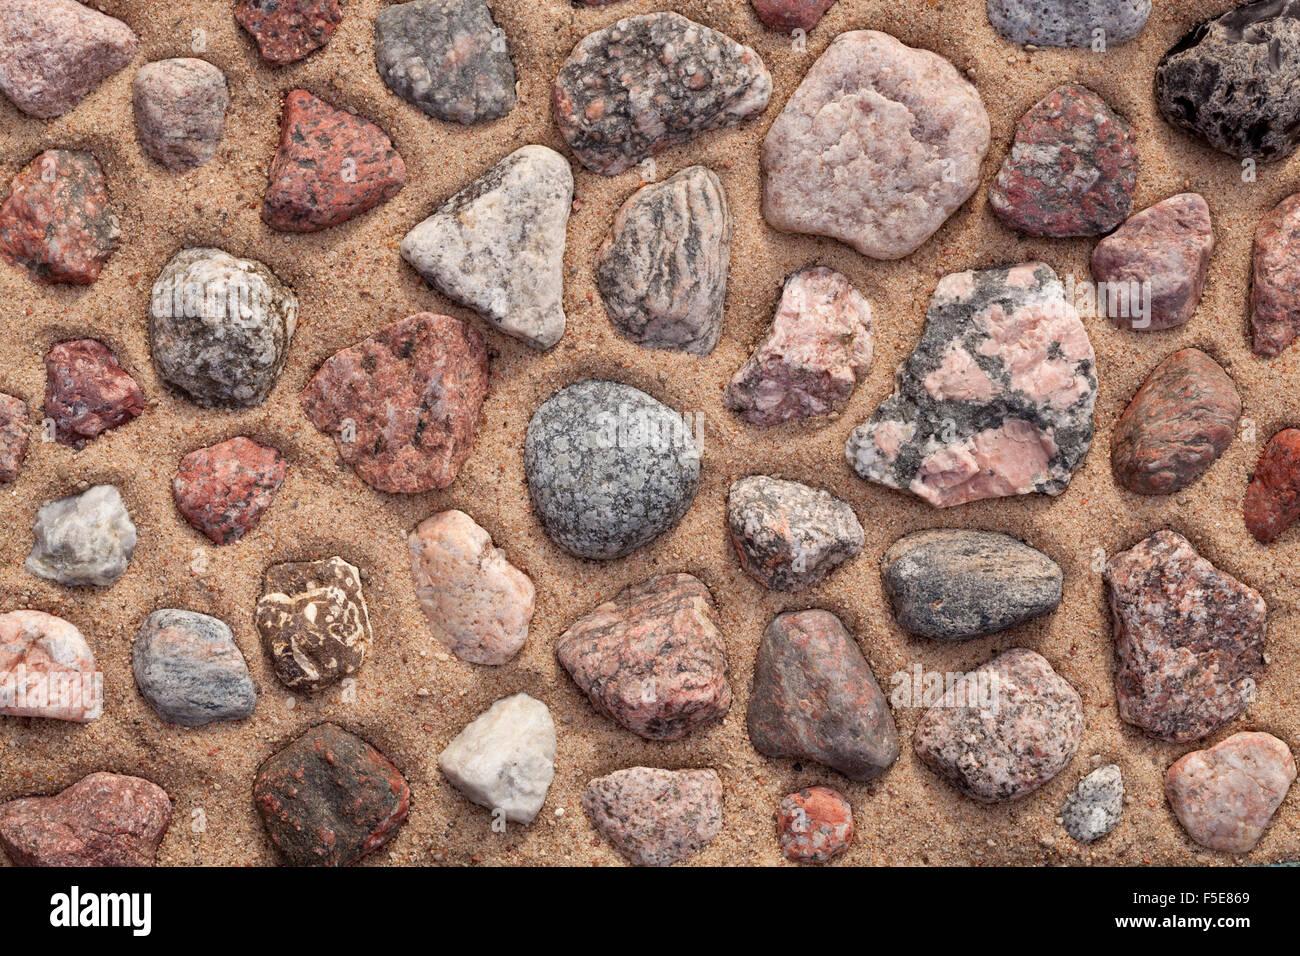 Asciugare le pietre colorate disposte sulla sabbia come sfondo Immagini Stock